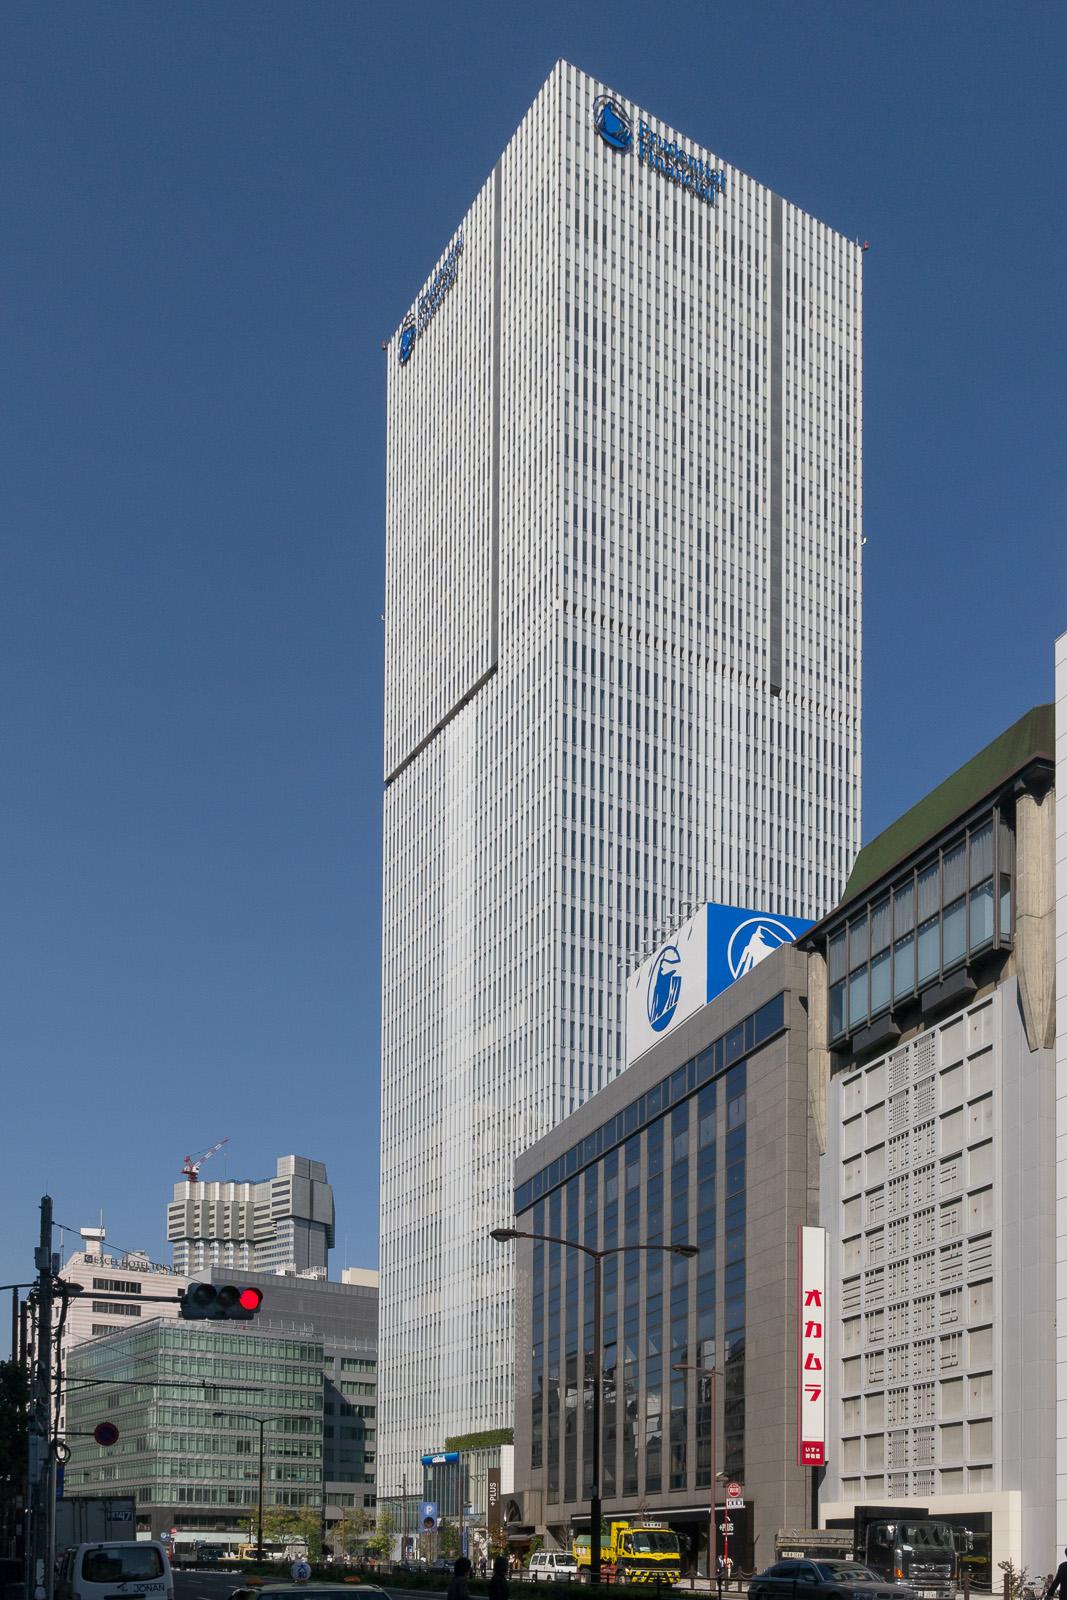 ホテル ニュー ジャパン 横井